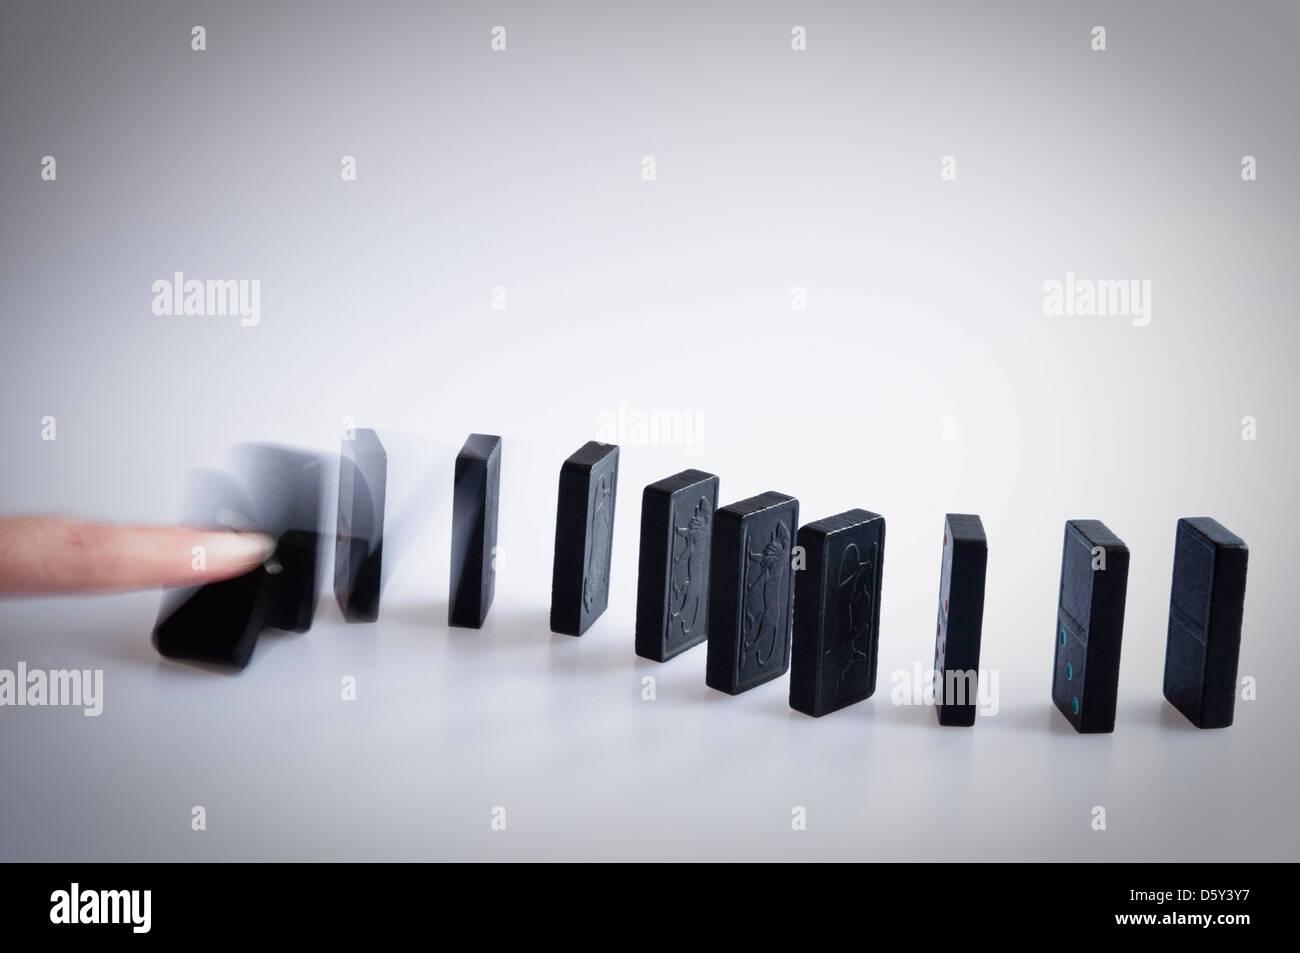 La caduta del domino - dito spingendo oltre il primo domino e mostrando il motion blur che cade. Immagini Stock